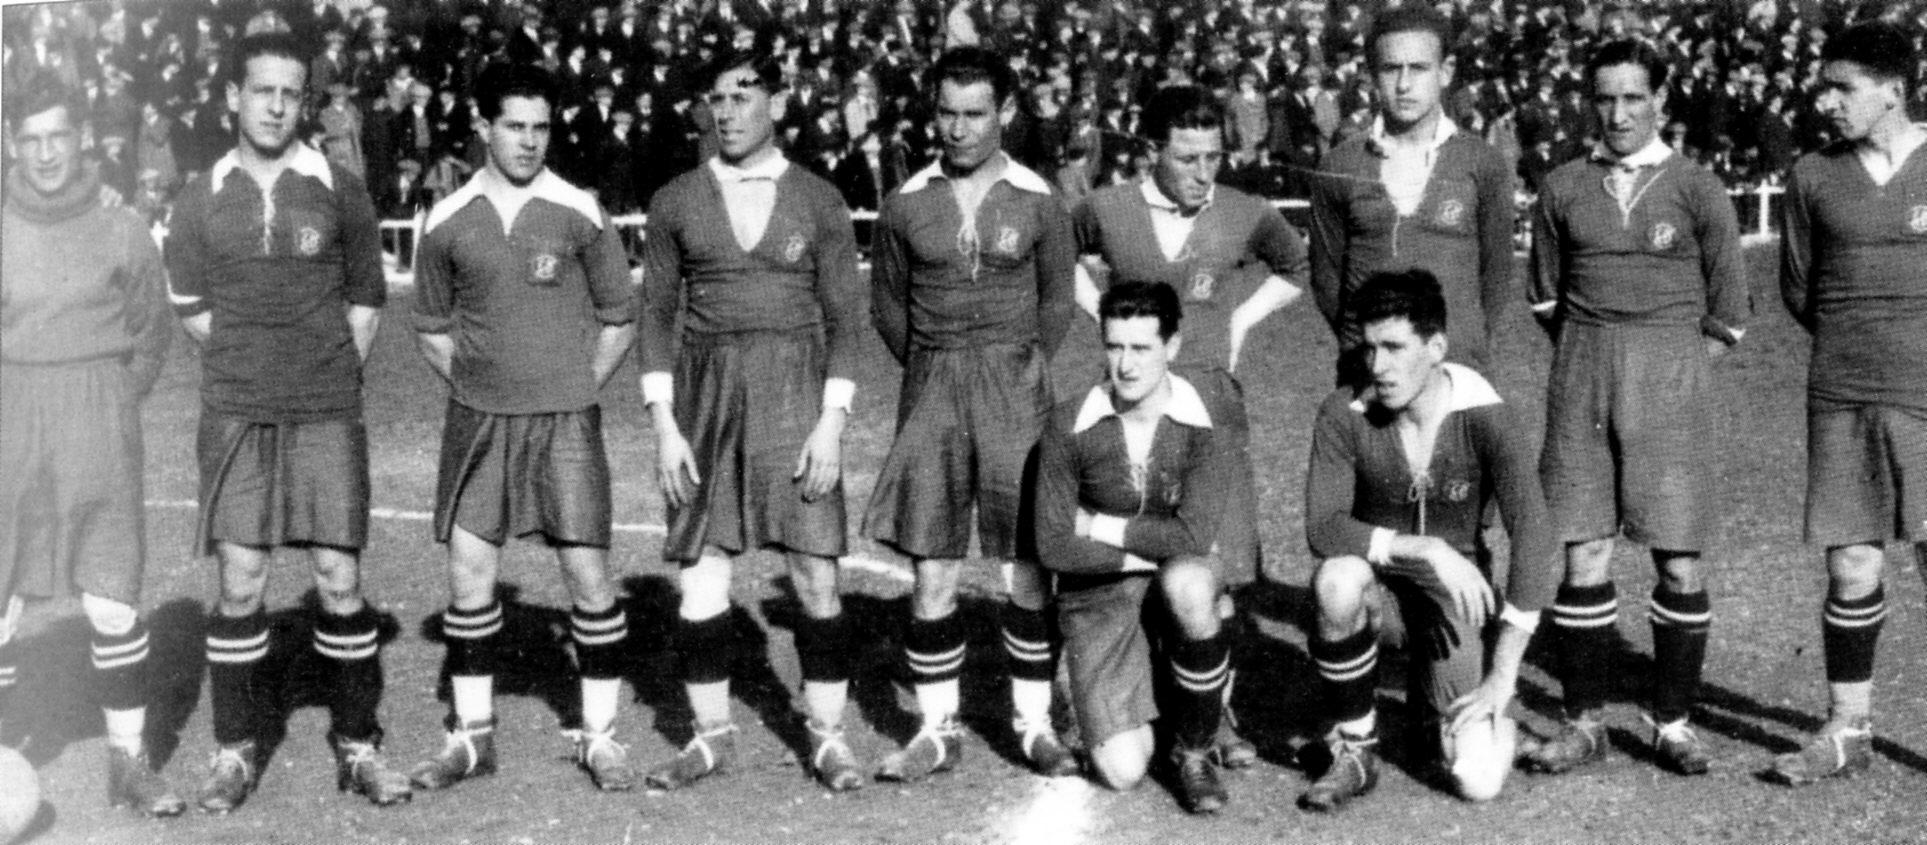 Alineación del Zaragoza en un partido con su clásico uniforme tomate.